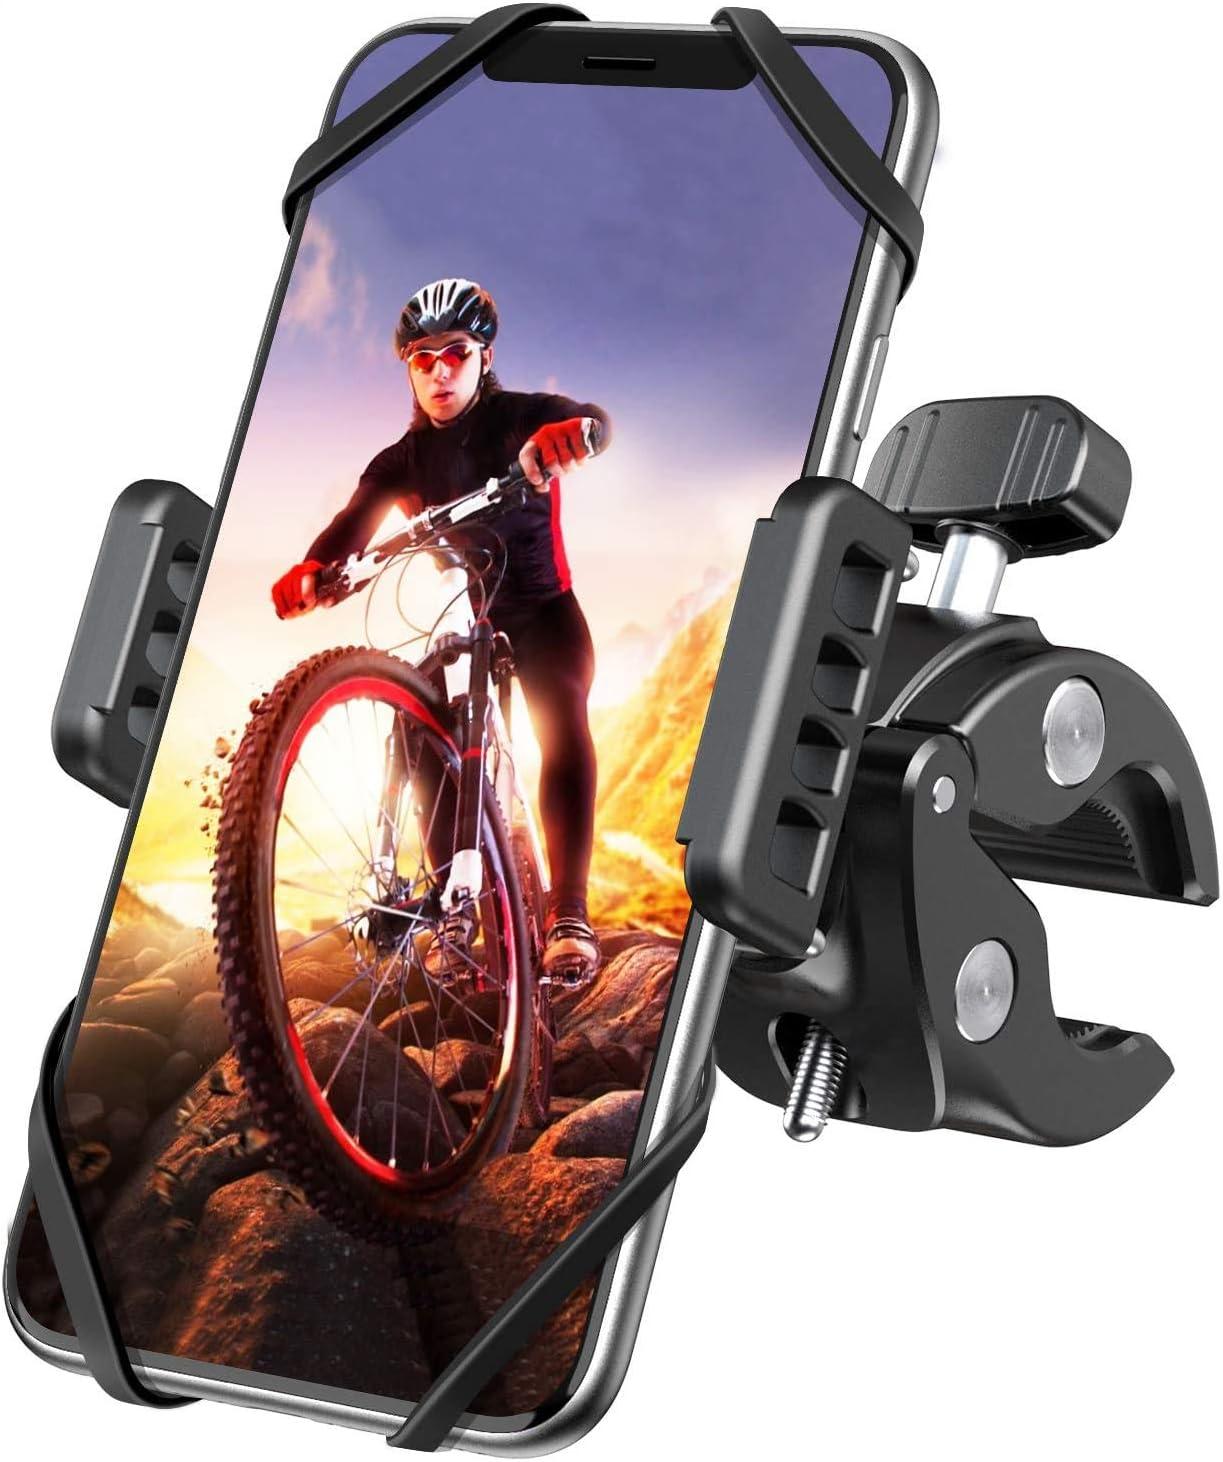 Fahrrad Handyhalterung Desertwest Motorrad Fahrrad Handy Halterung Mit 360 Drehung Für Iphone 12 12pro Se 2020 Samsung S20 S10 Note10 Huawei Xiaomi Lg Usw Handyhalter Für Rennrad Mountainbike Elektronik